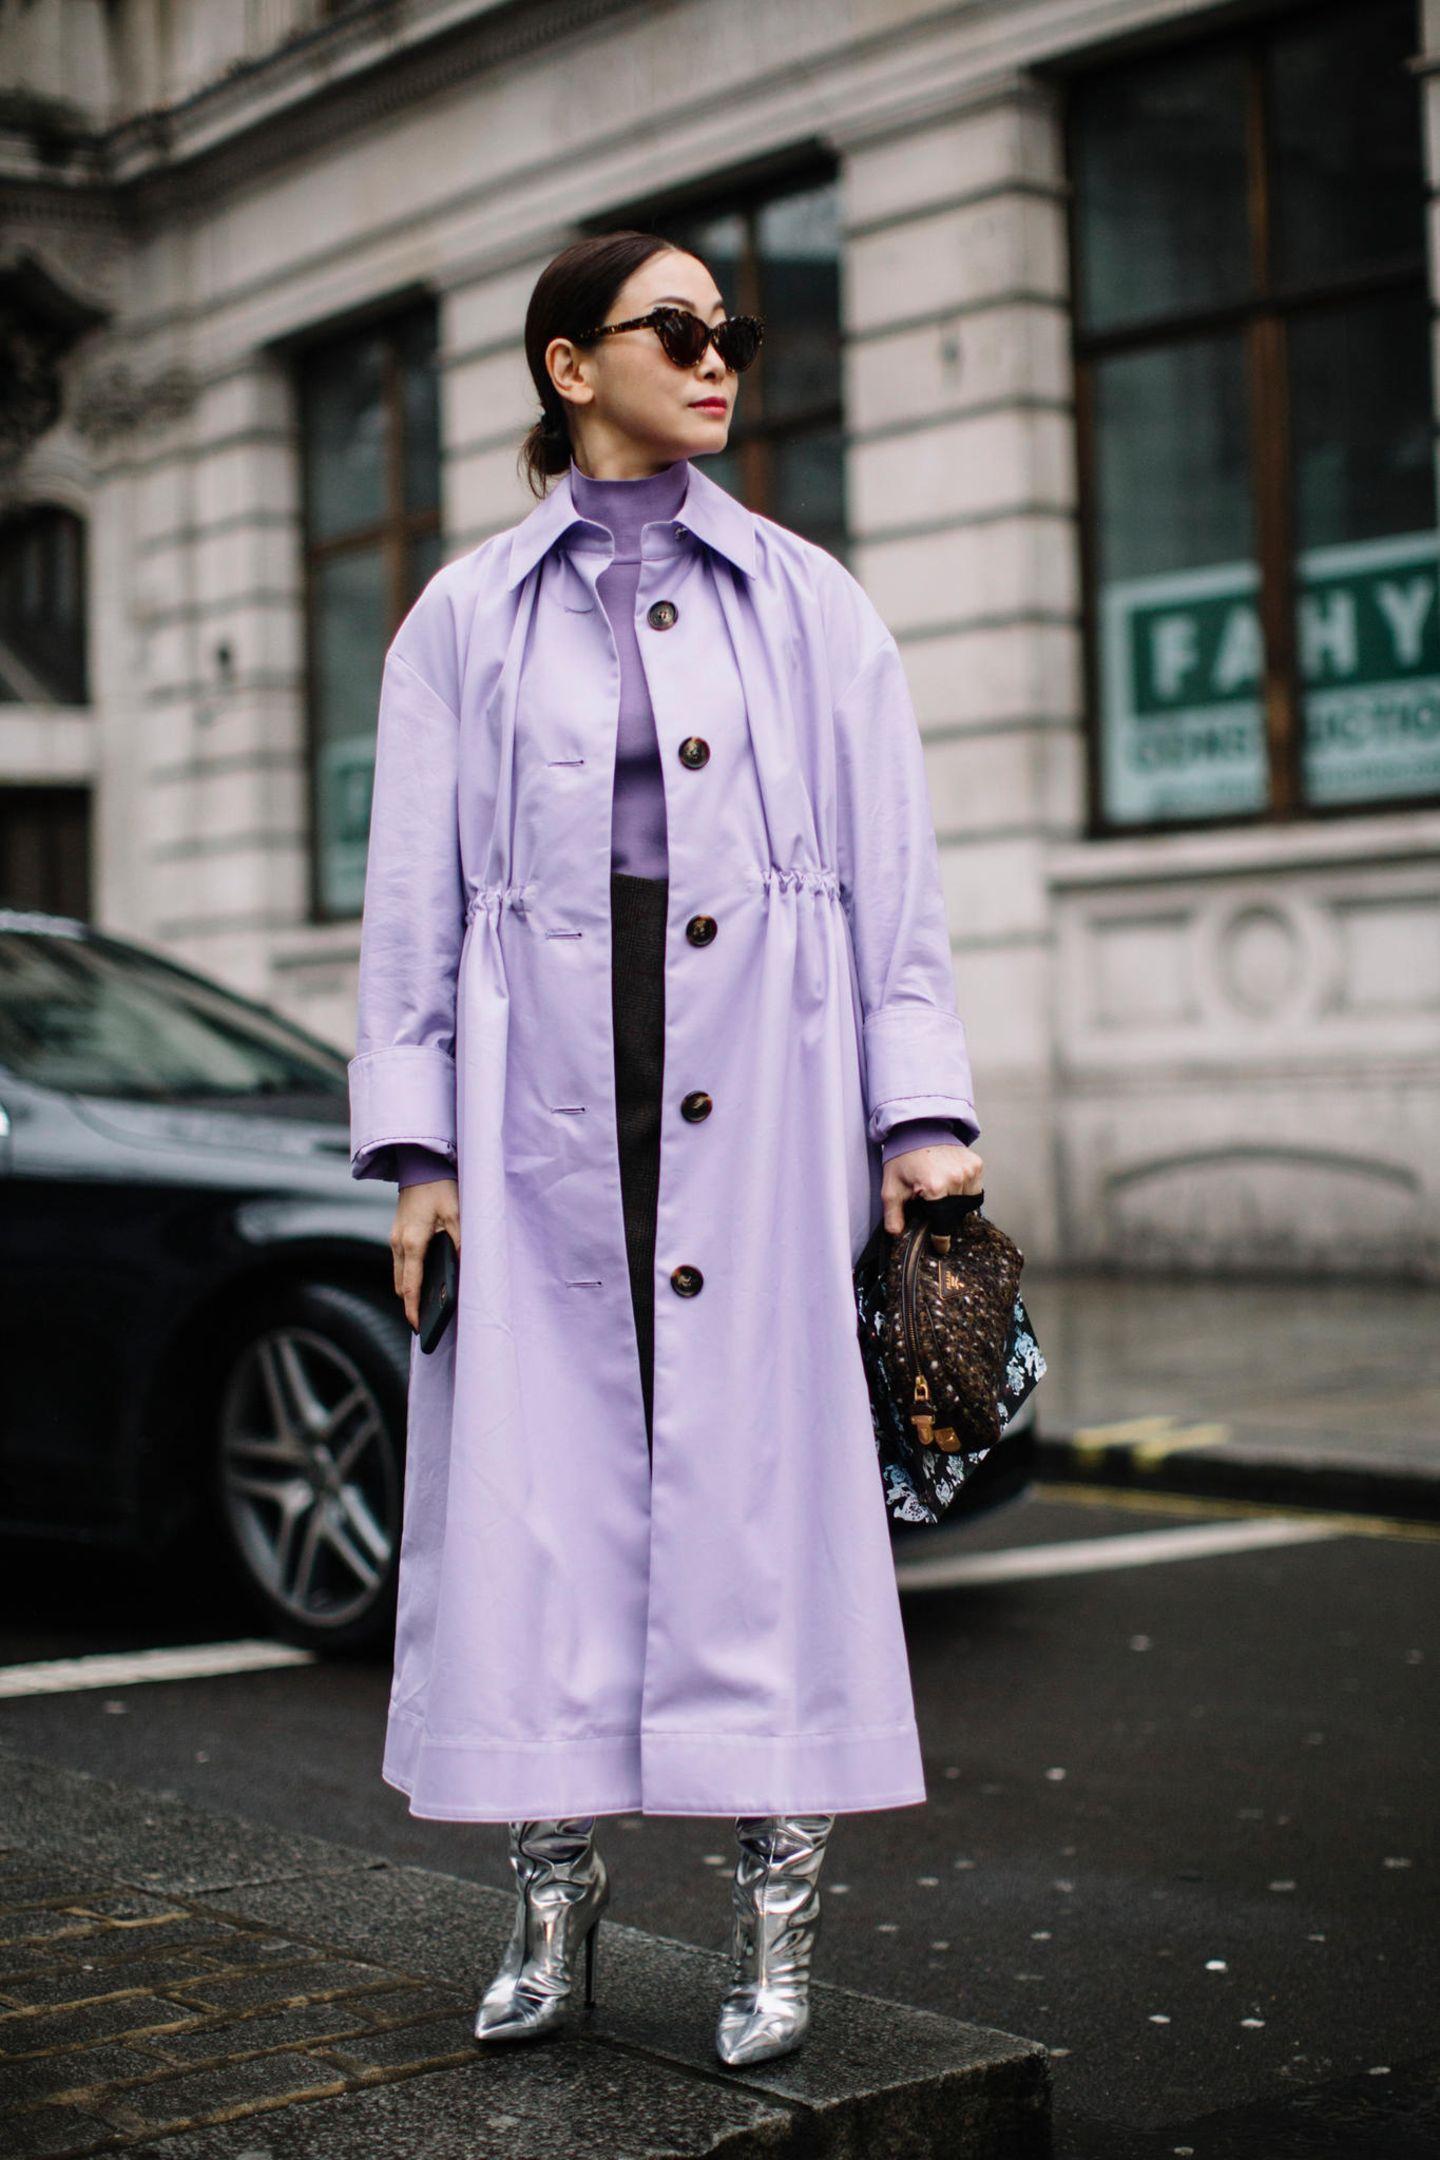 Modetrends Frühjahr/Sommer 2020: Das bleibt, das kommt: Pastell Lila Mantel